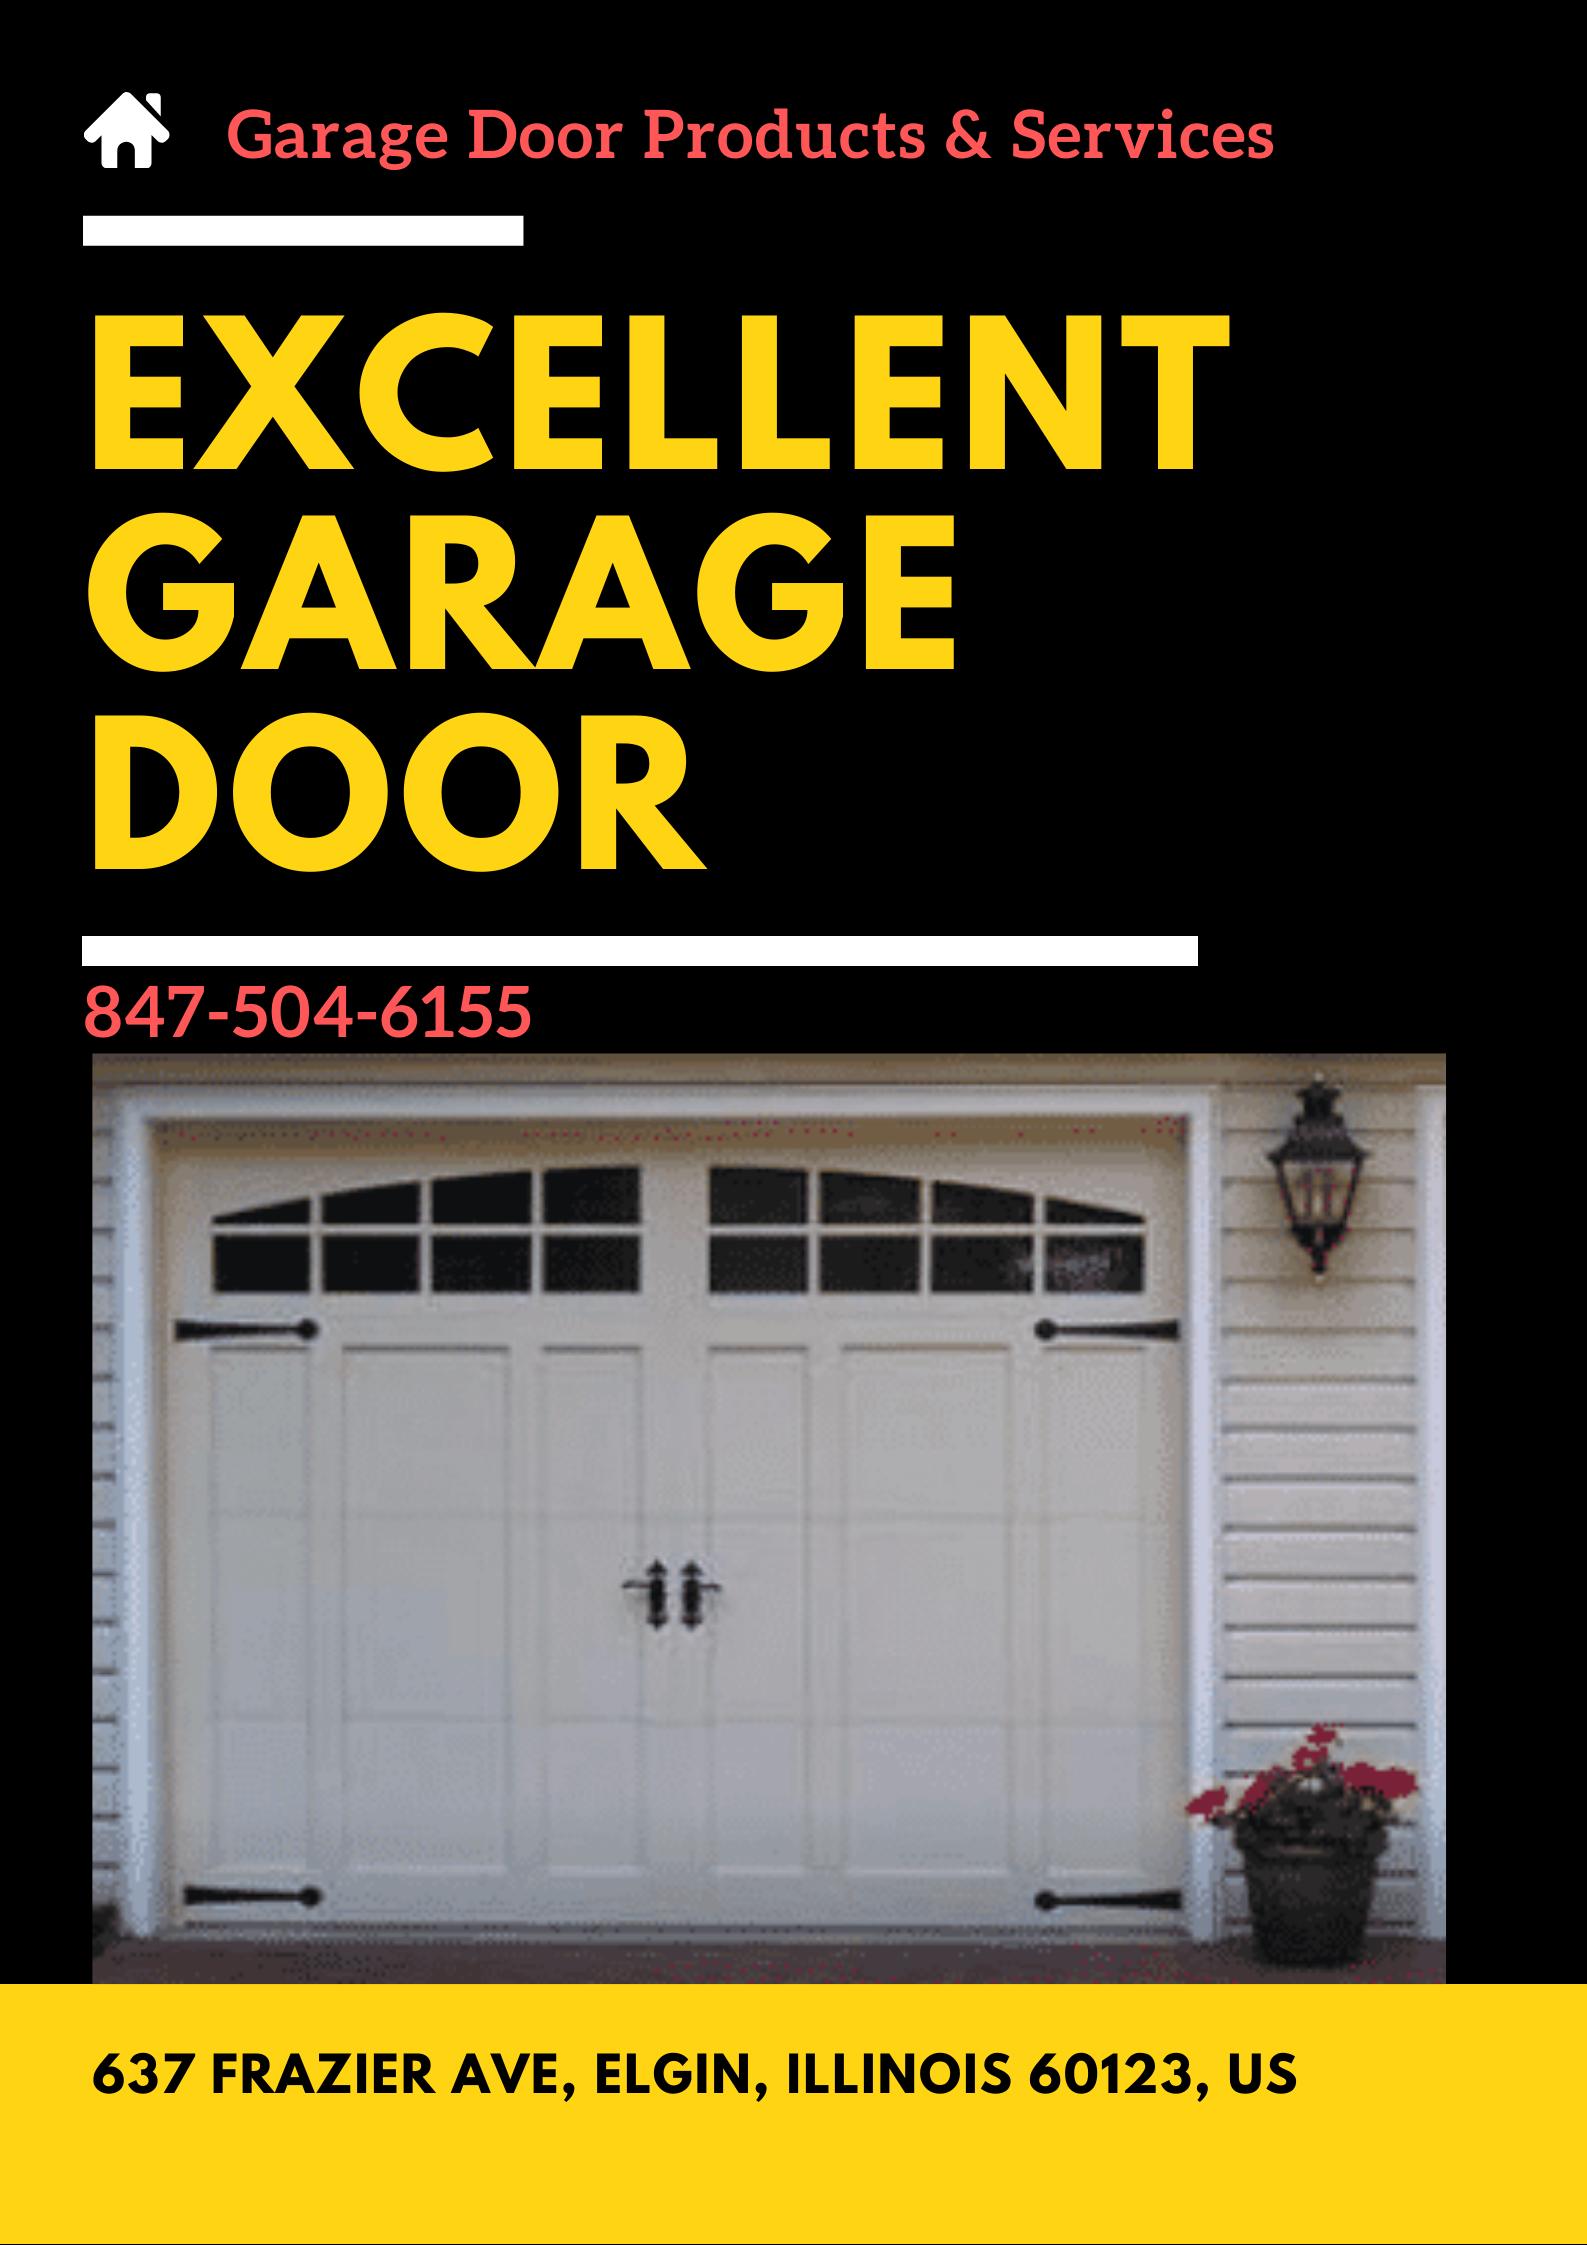 Excellent Garage Door In 2020 Garage Door Repair Service Garage Doors Door Repair